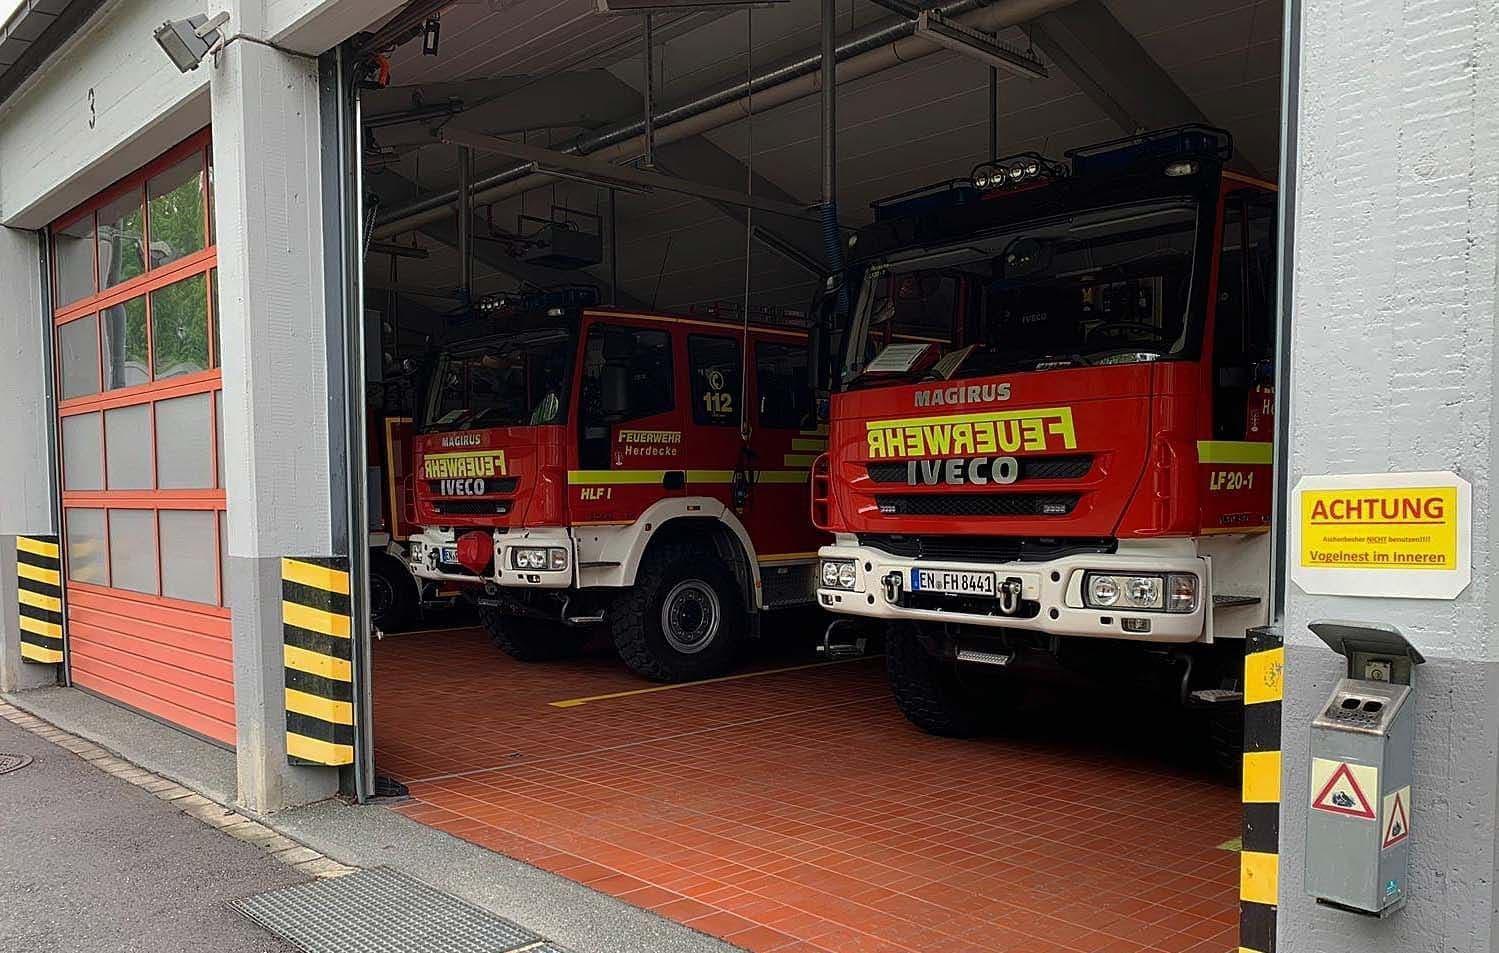 Foto: Feuerwehr Herdecke